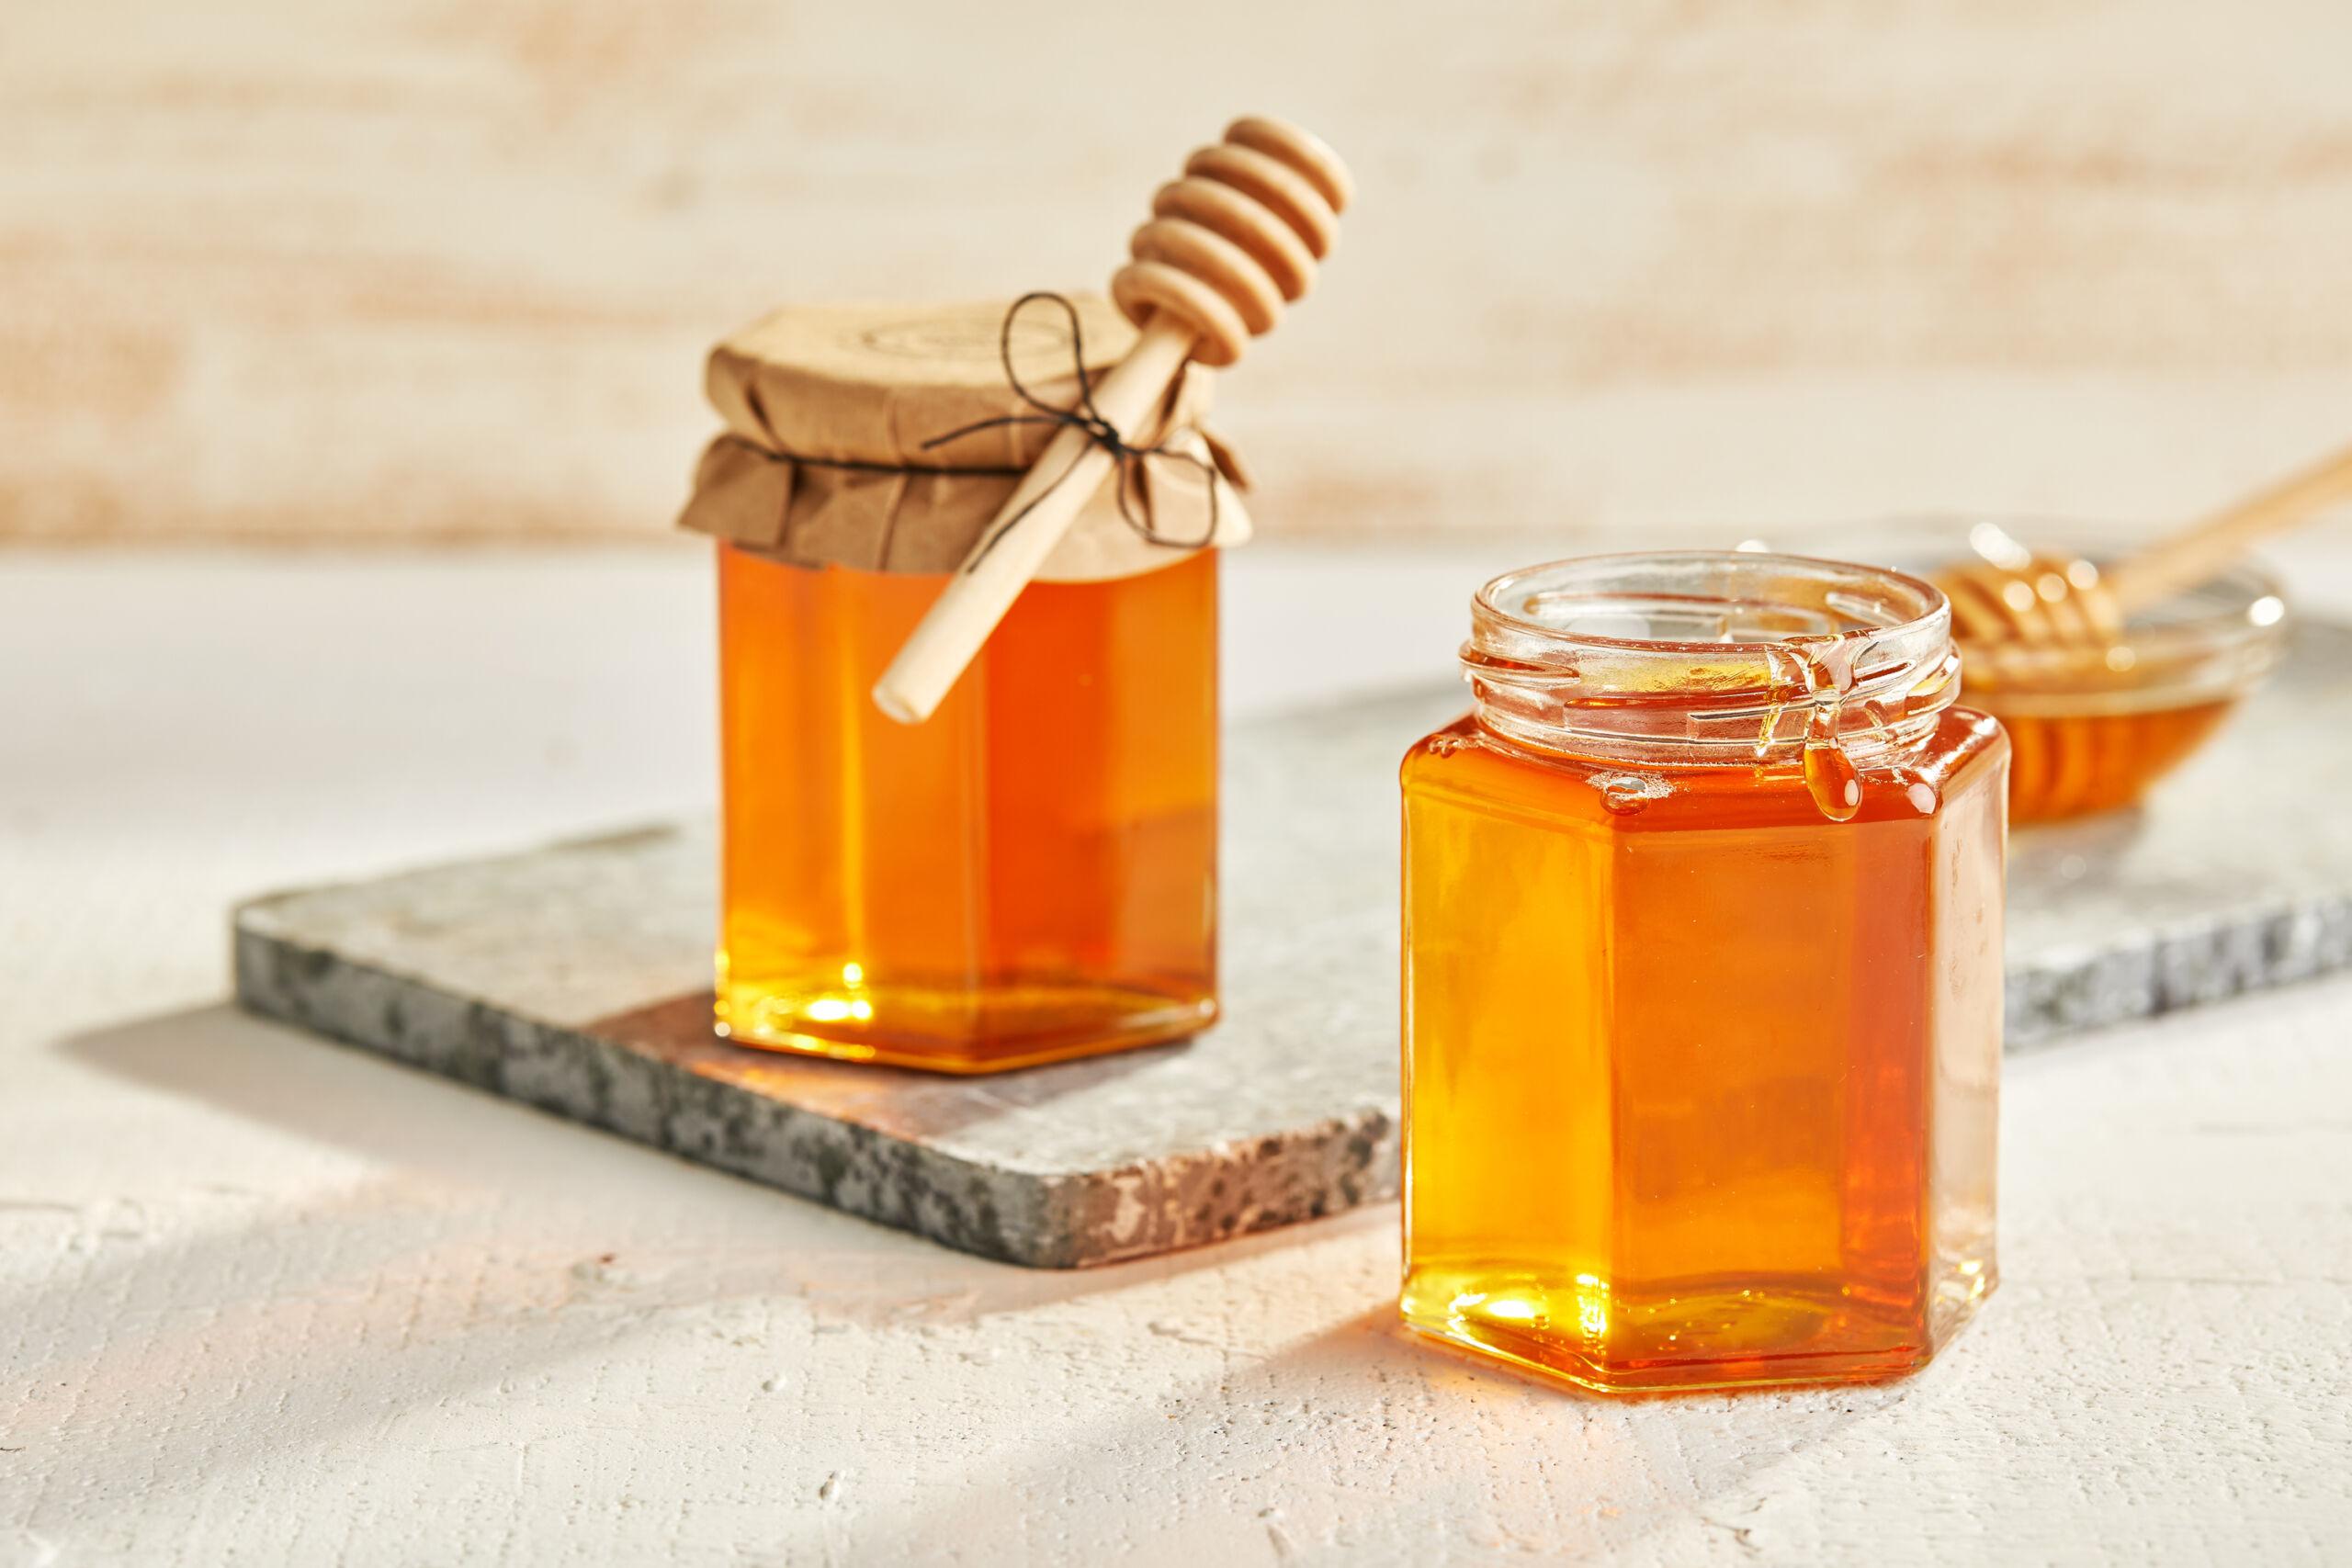 Honey Jar Manufacturers, Glass Jar Manufacturers